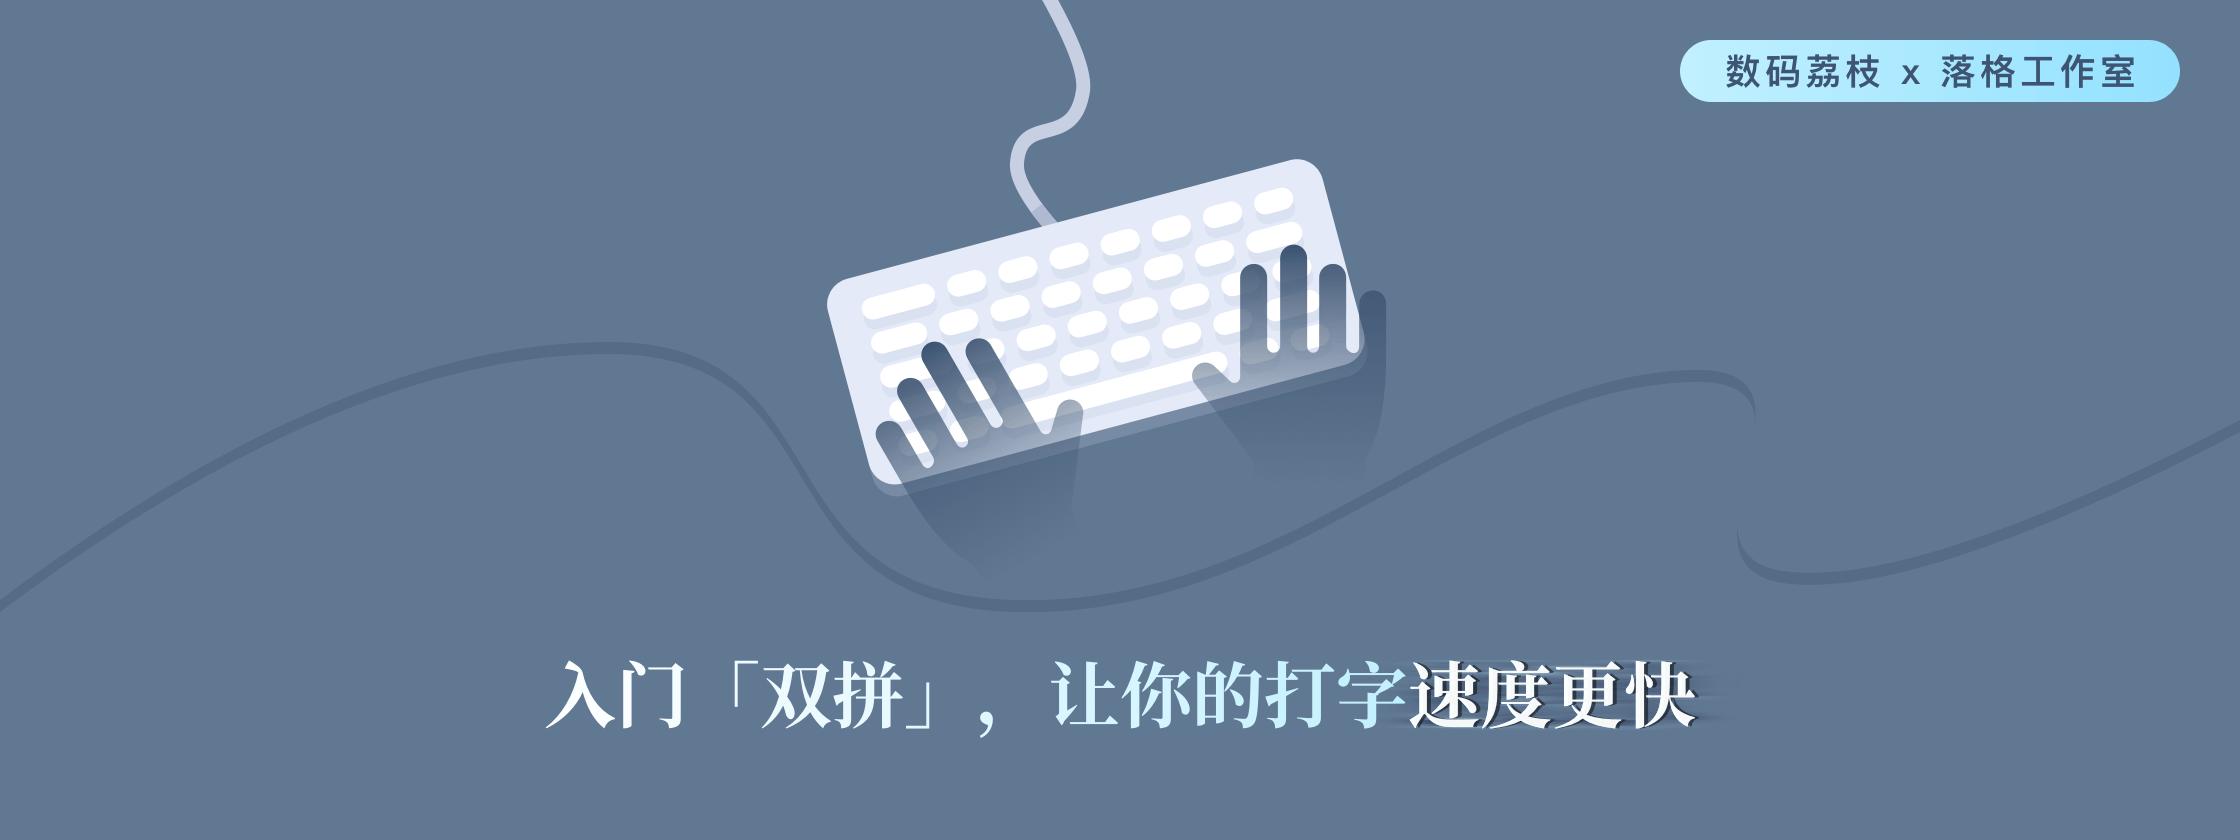 入门「双拼」,让你的打字速度更快 | 数码荔枝 x 落格工作室